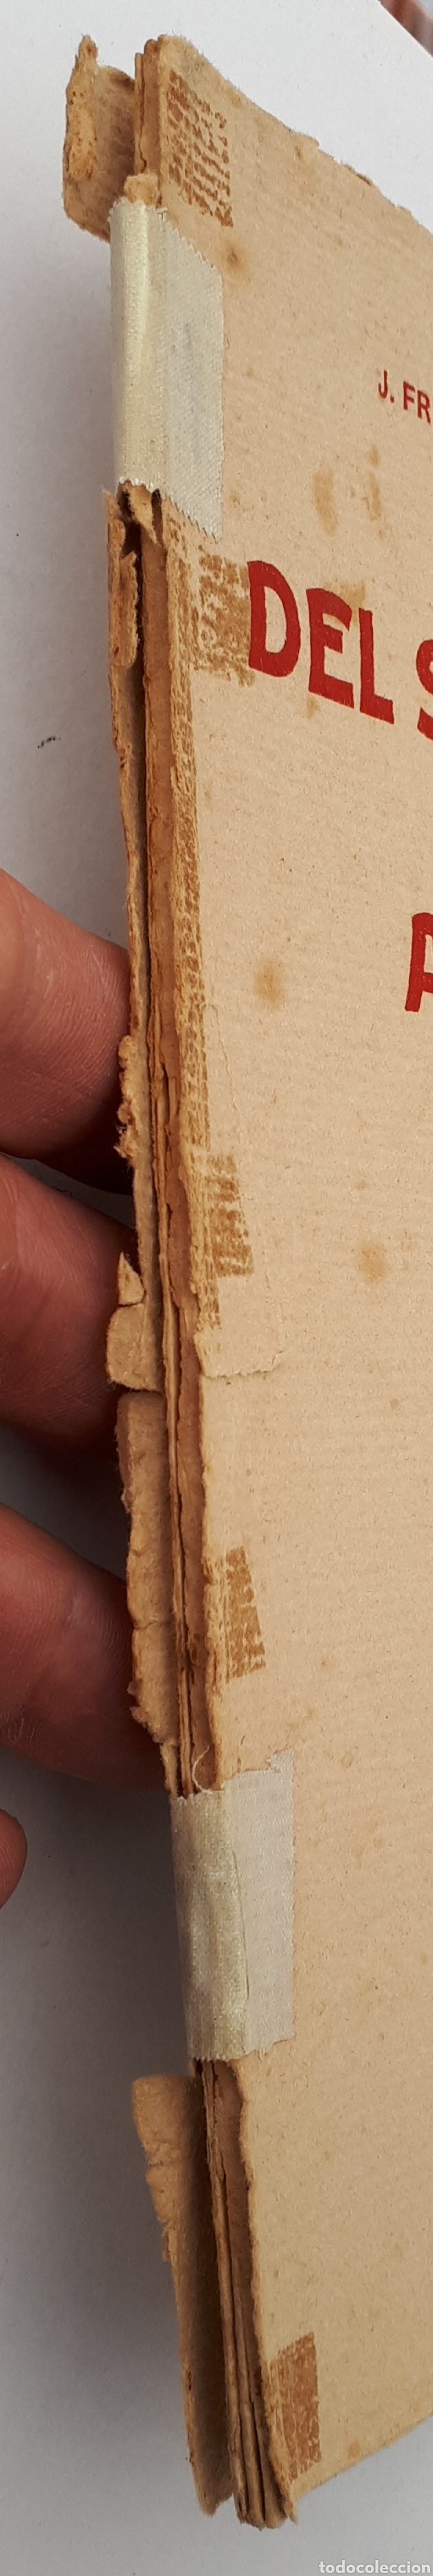 Libros antiguos: DEL SANTANDER ANTIGUO. J. Fresnedo de la Calzada. 1923 - Foto 3 - 168033372